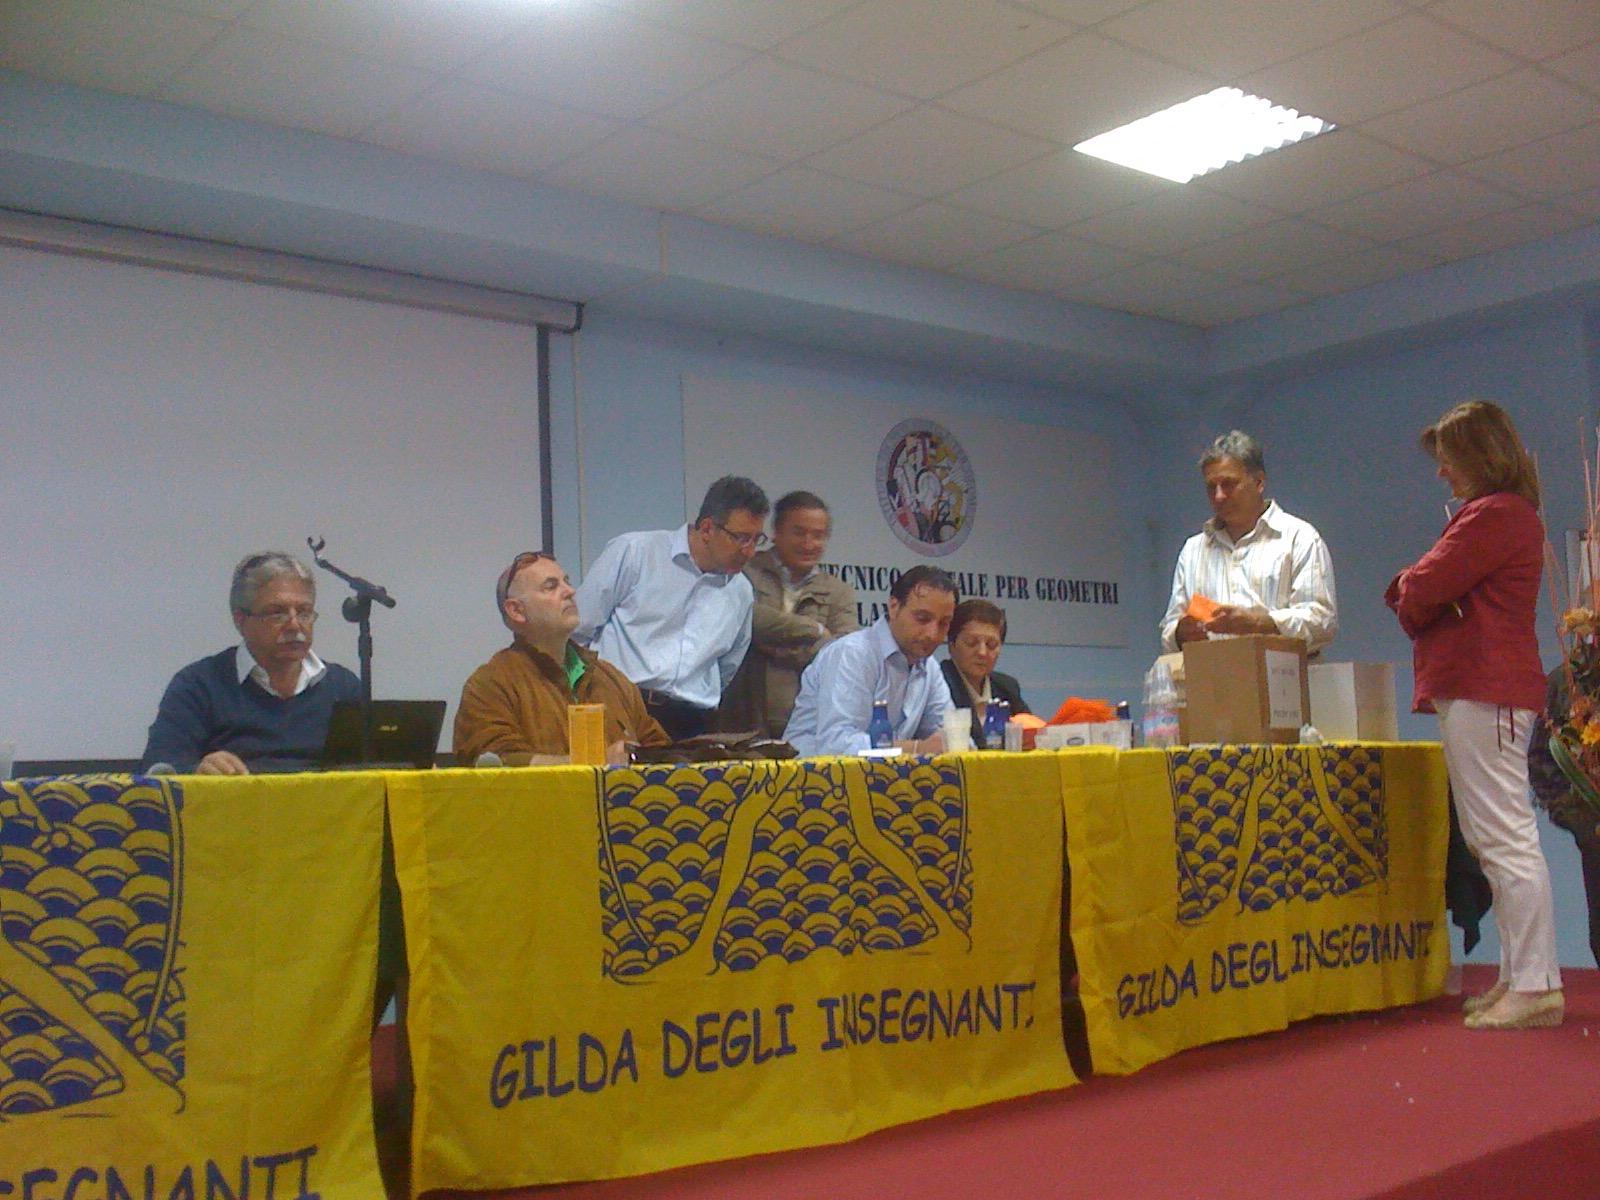 #LaBuonaScuola: intervista a Rino Di Meglio, coordinatore Gilda